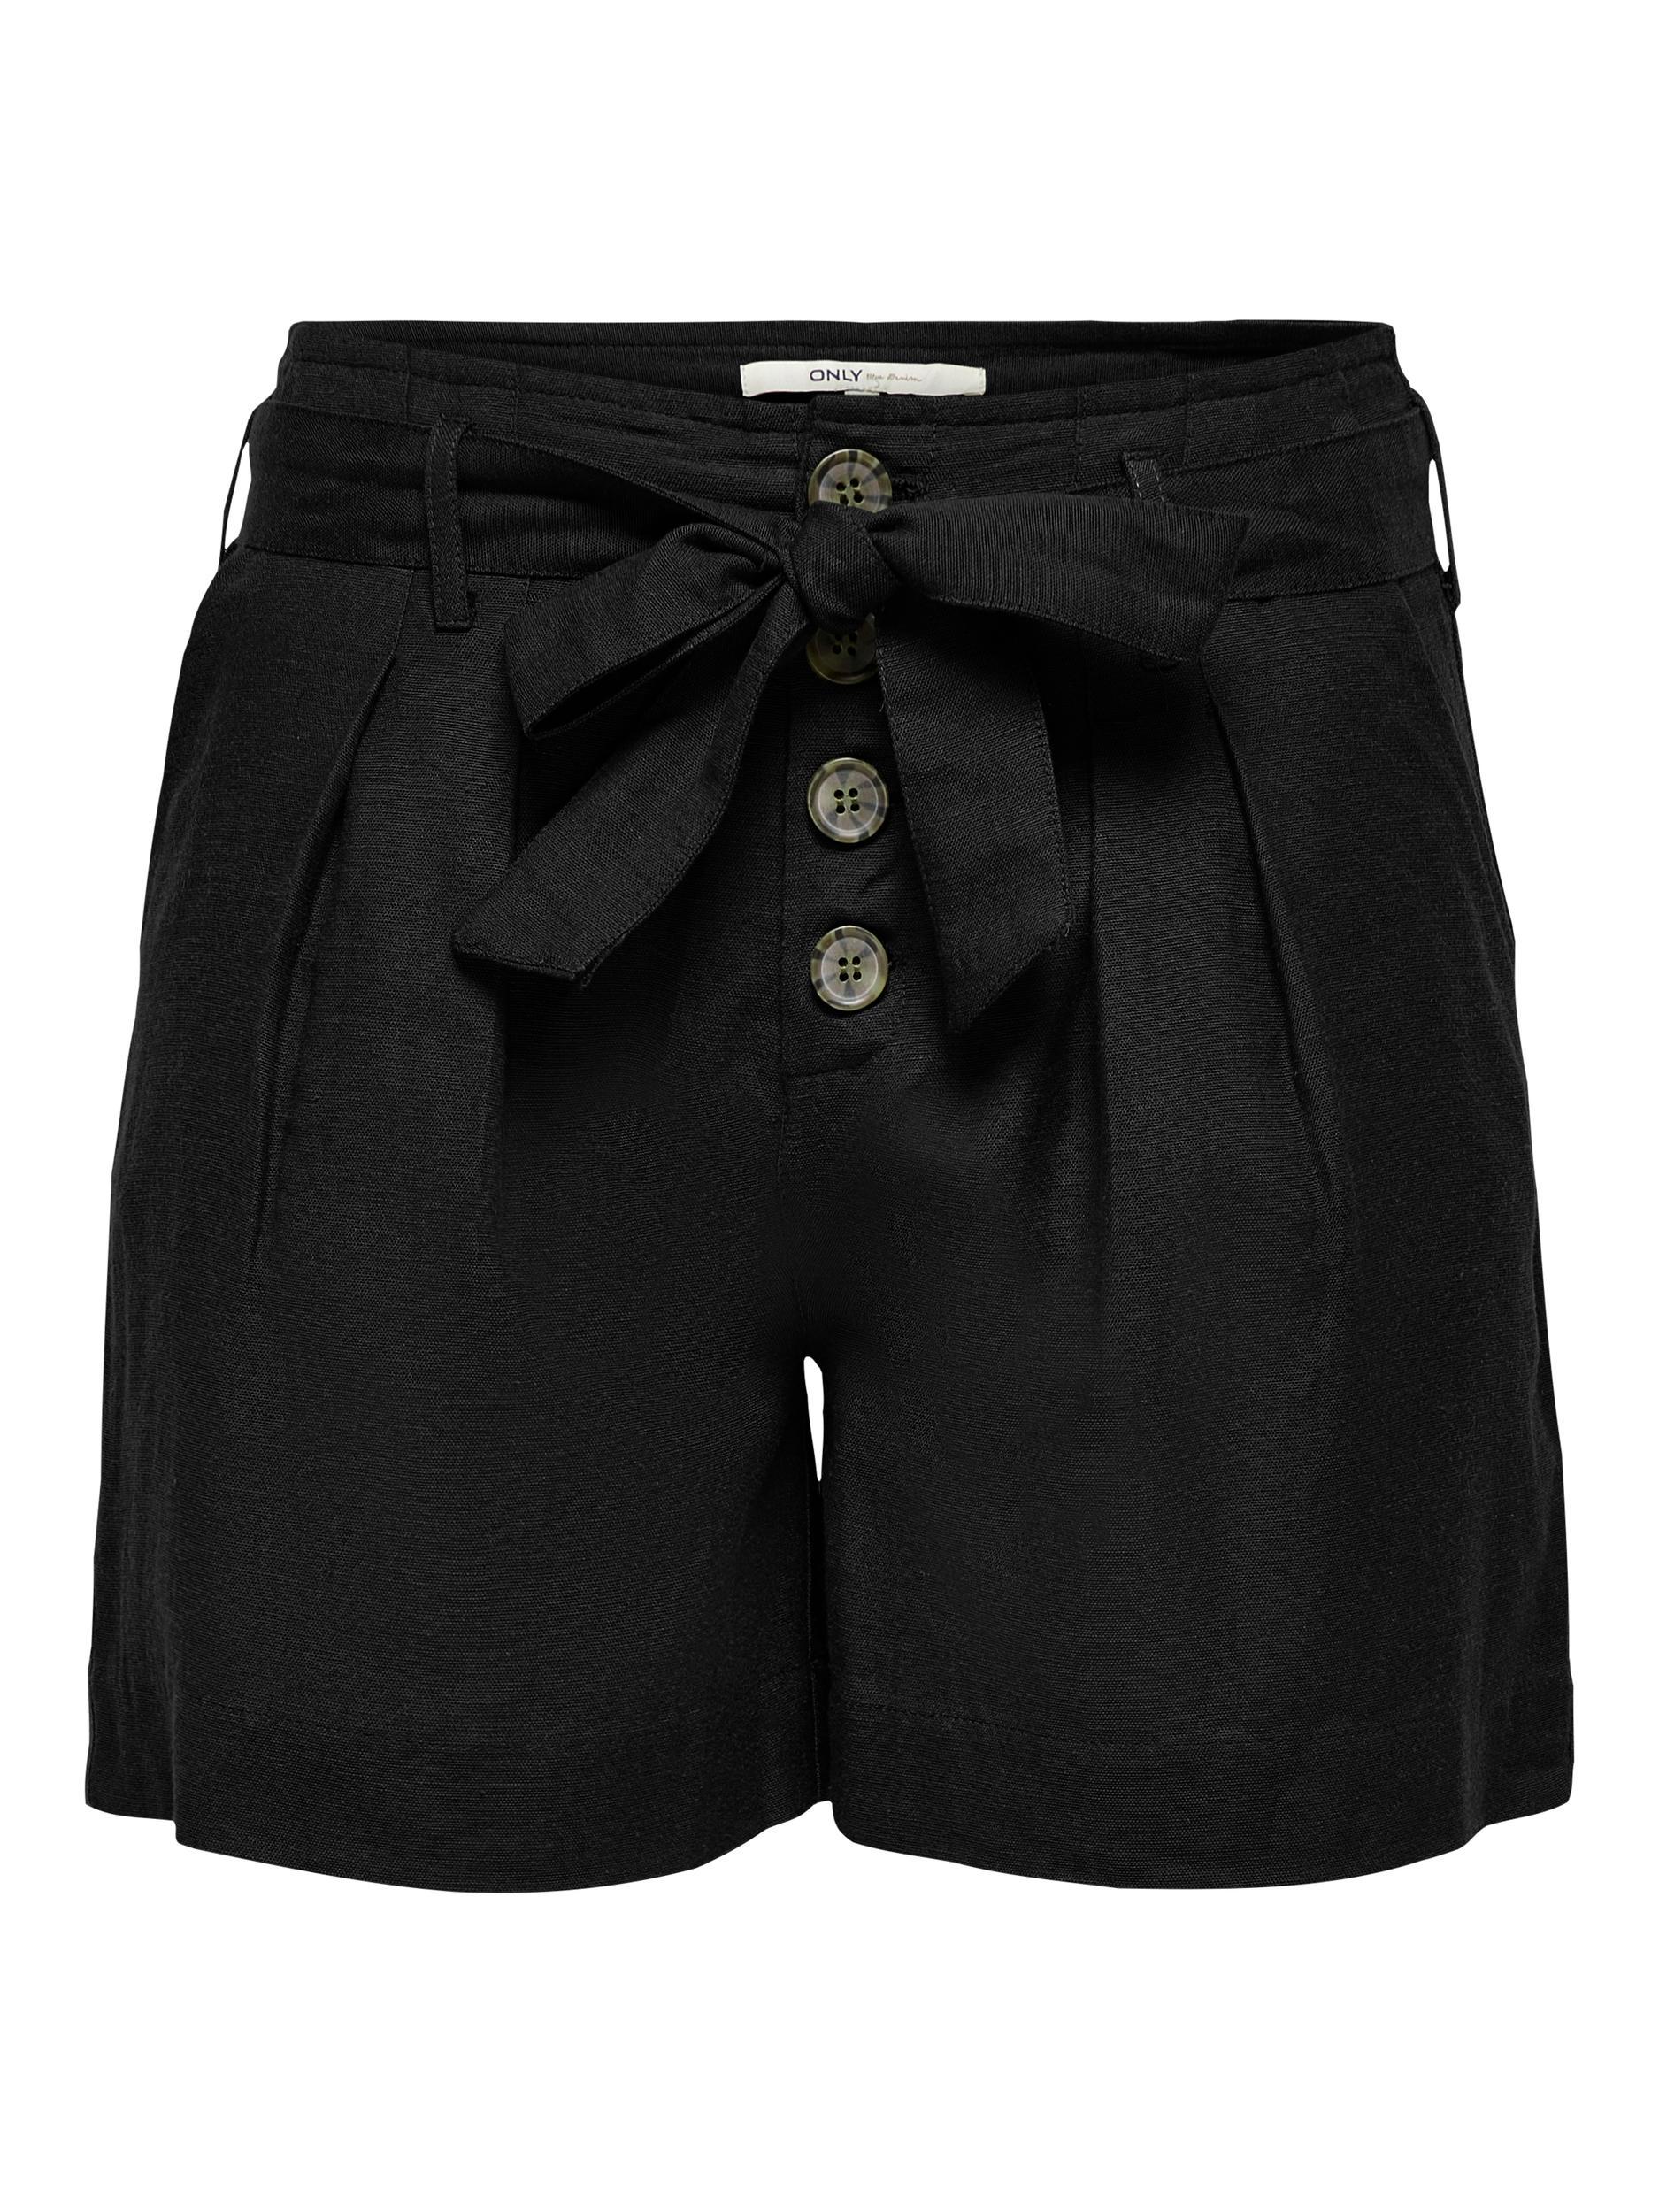 ONLVIVA LIFE HW BELT SHORTS PNT NOOS ONLY | Shorts | 15199801BLACK